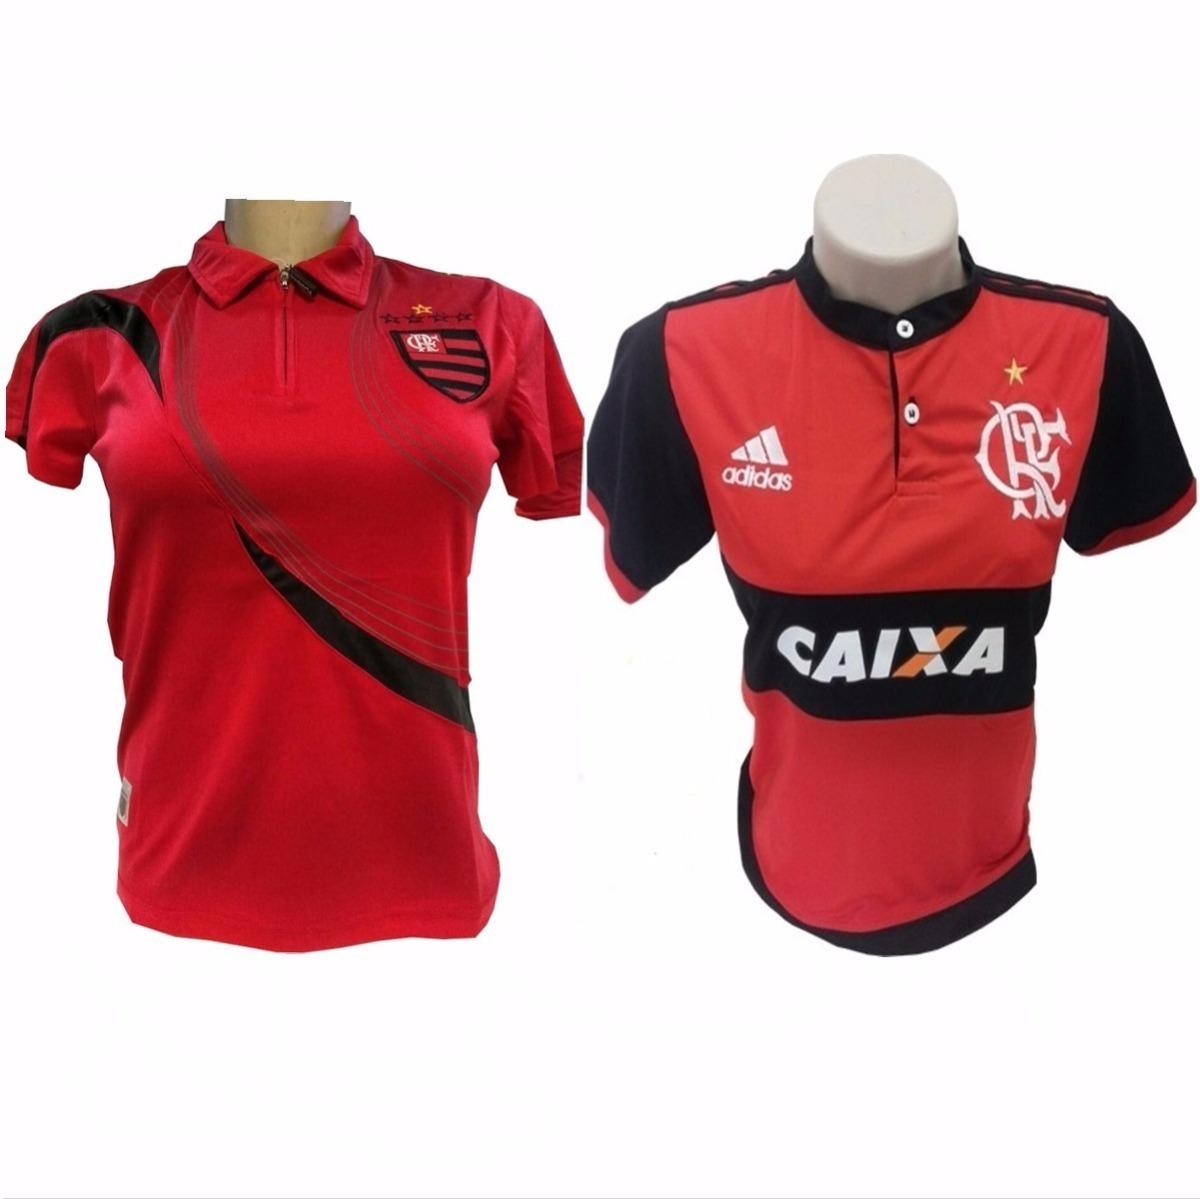 7875b27530 2 camisa feminina do flamengo polo baby look preta vermelha. Carregando zoom .